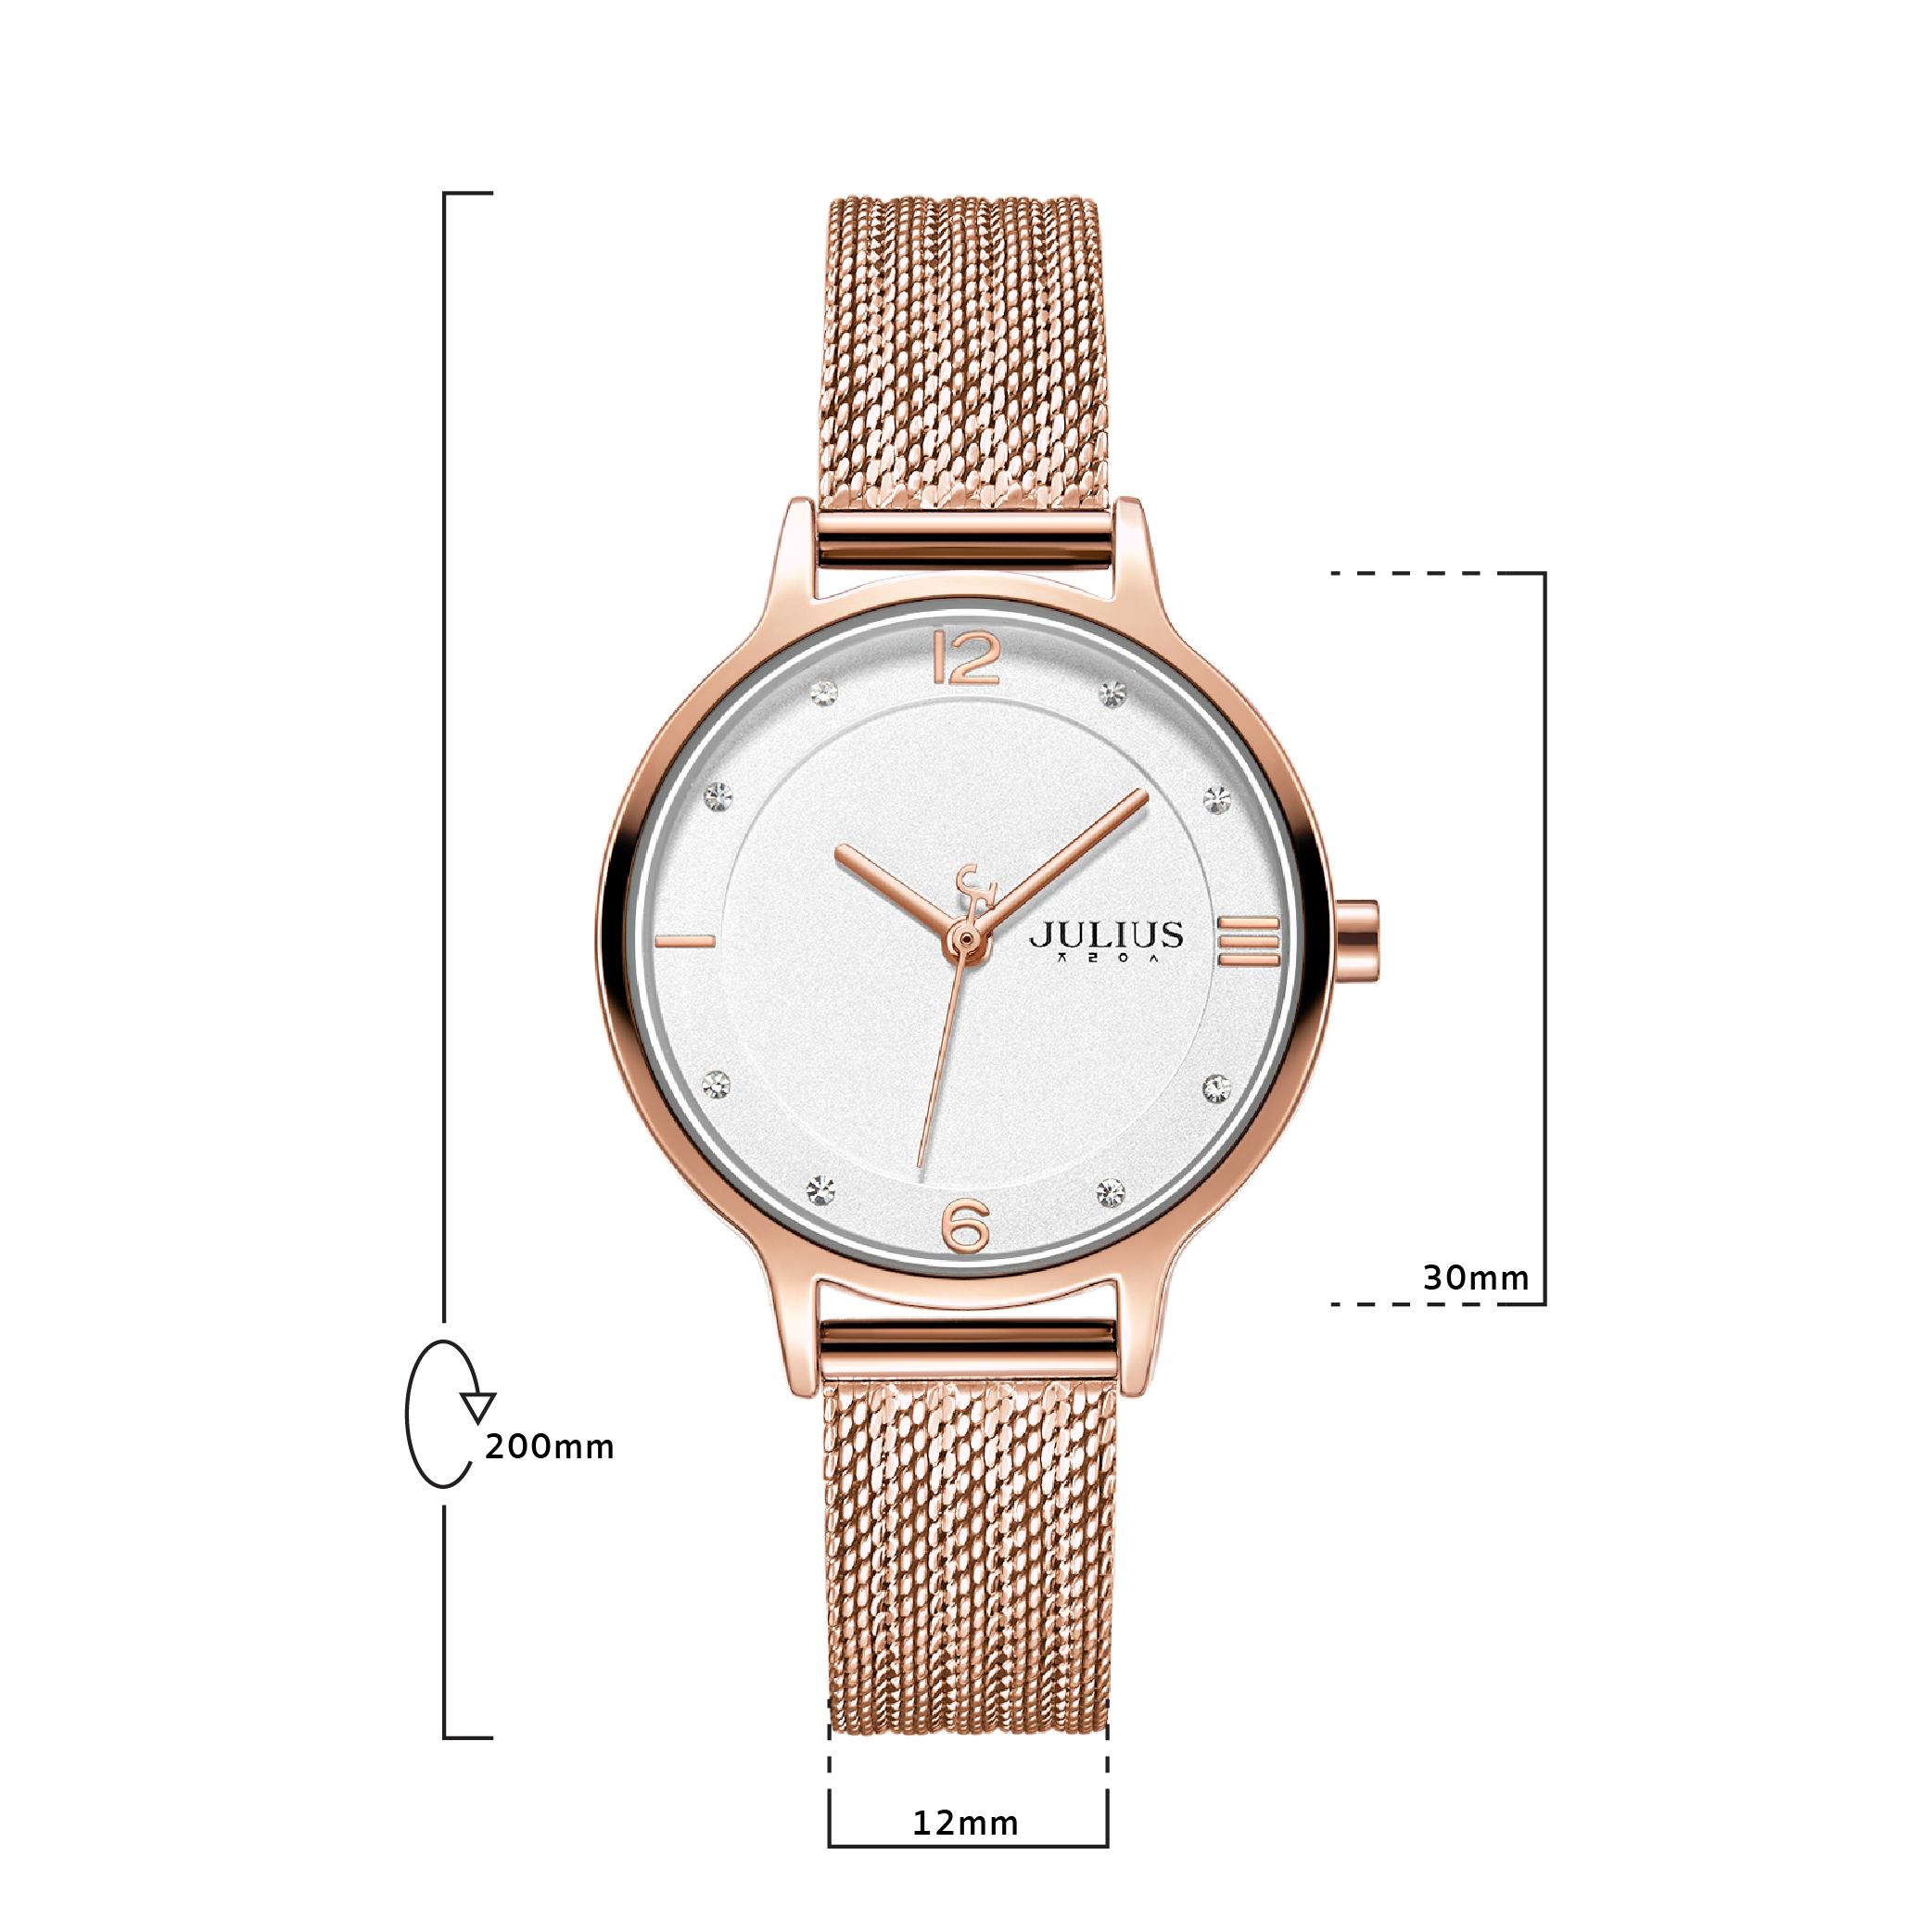 นาฬิกาข้อมือผู้หญิง JULIUS JA-1251 C